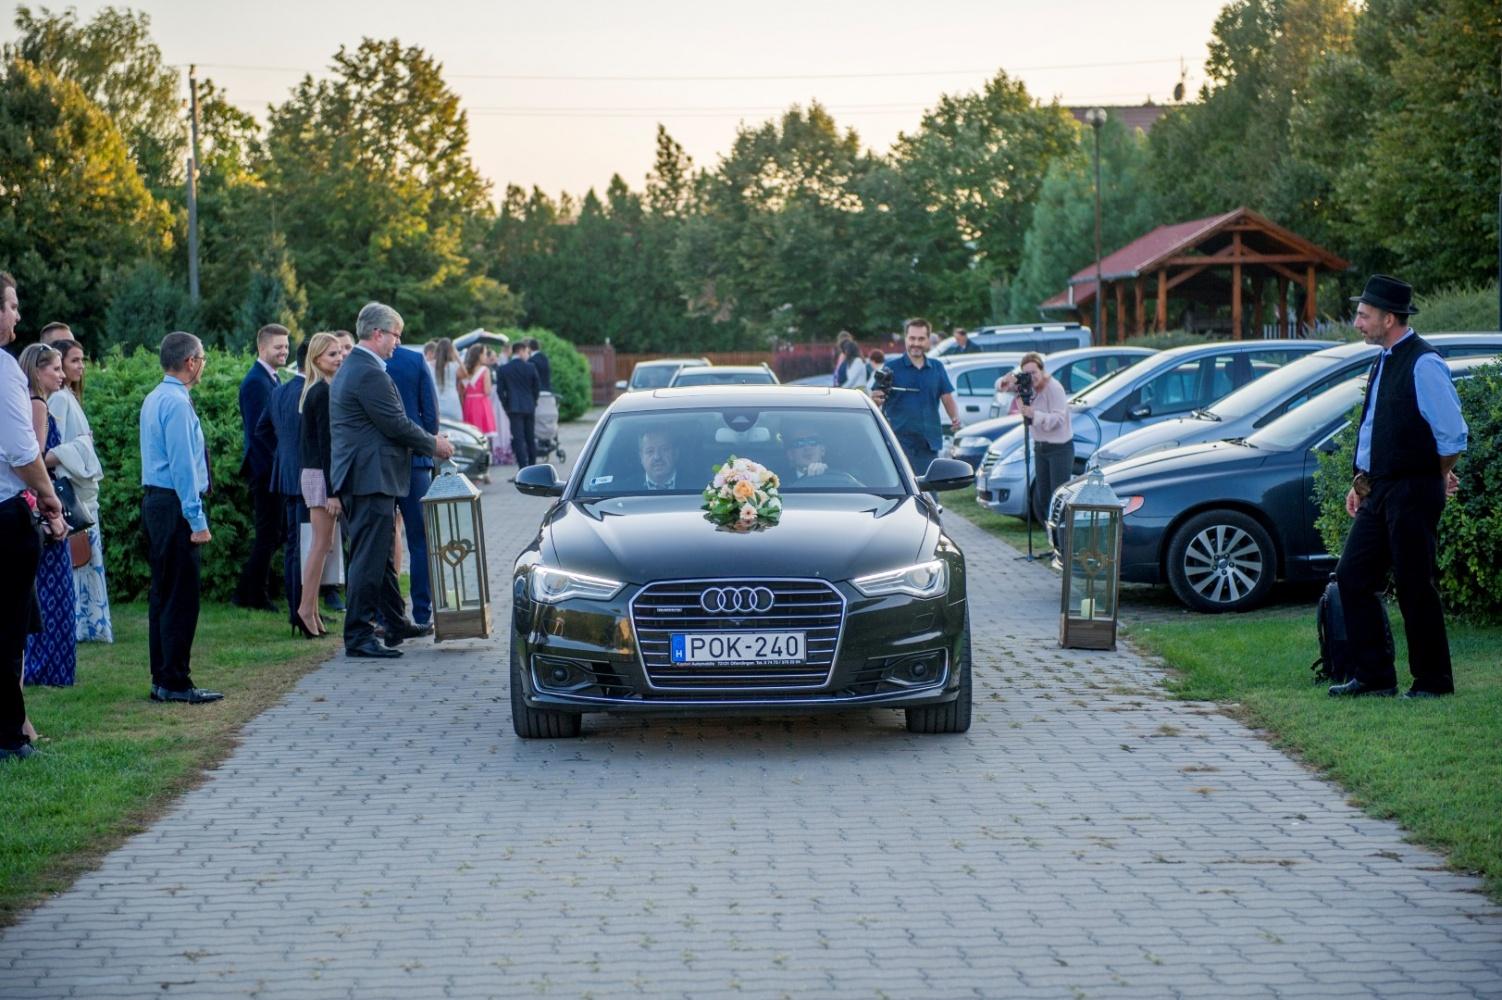 http://www.fotoz.sk/images/gallery-31/normal/eskuvo_dunaharaszti-rendezvenyhaz_377.jpg